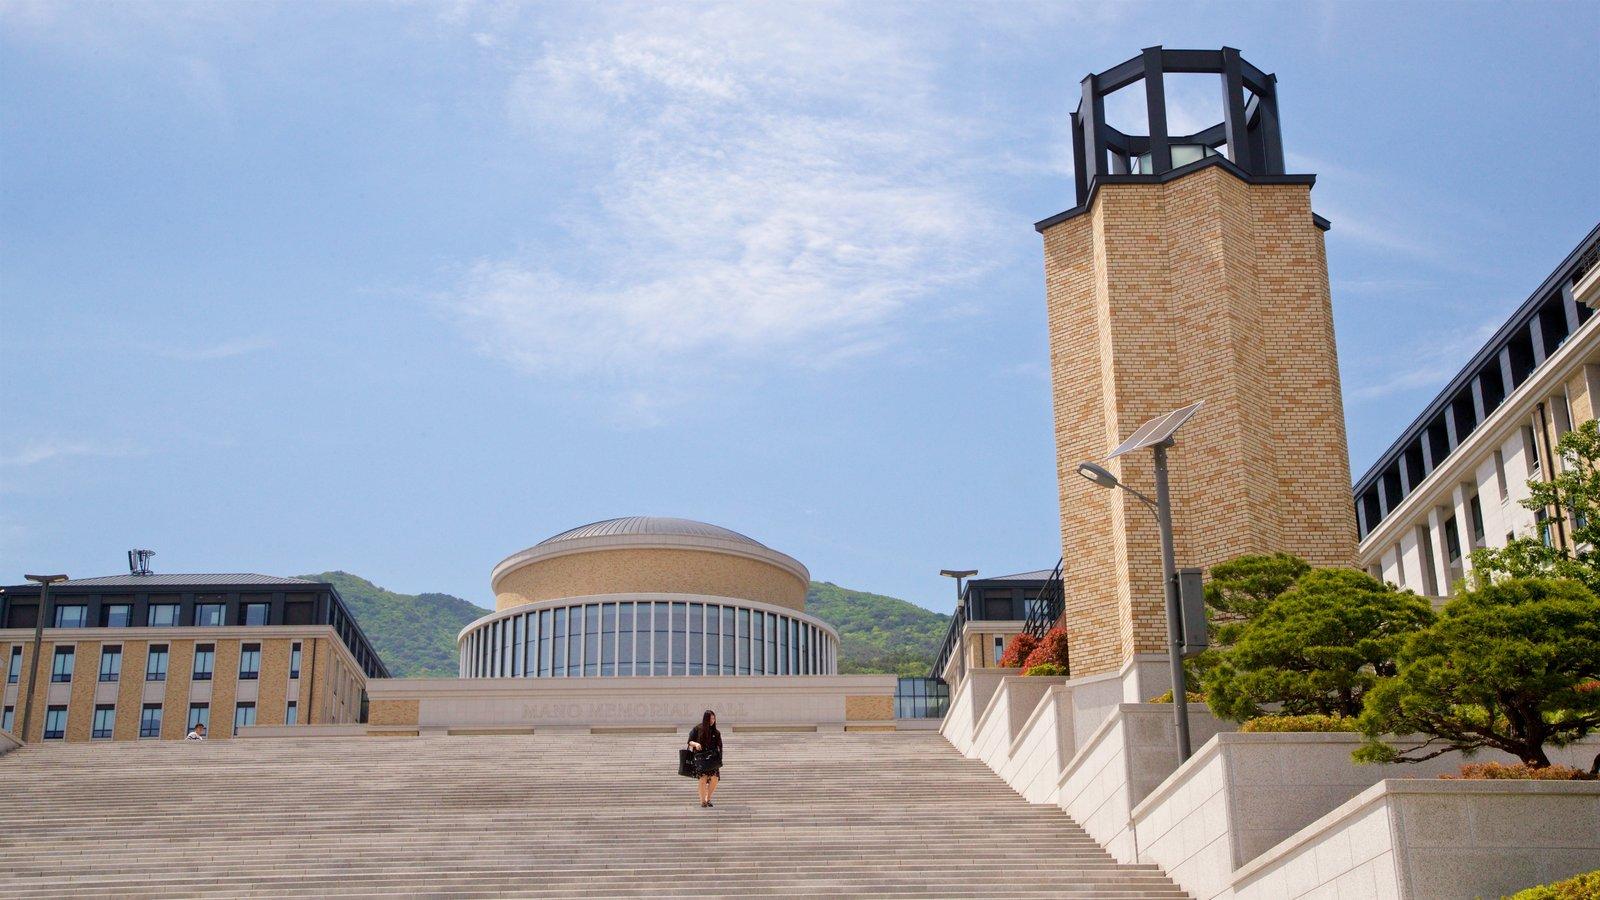 Universidad de Estudios Extranjeros de Busan y también una mujer